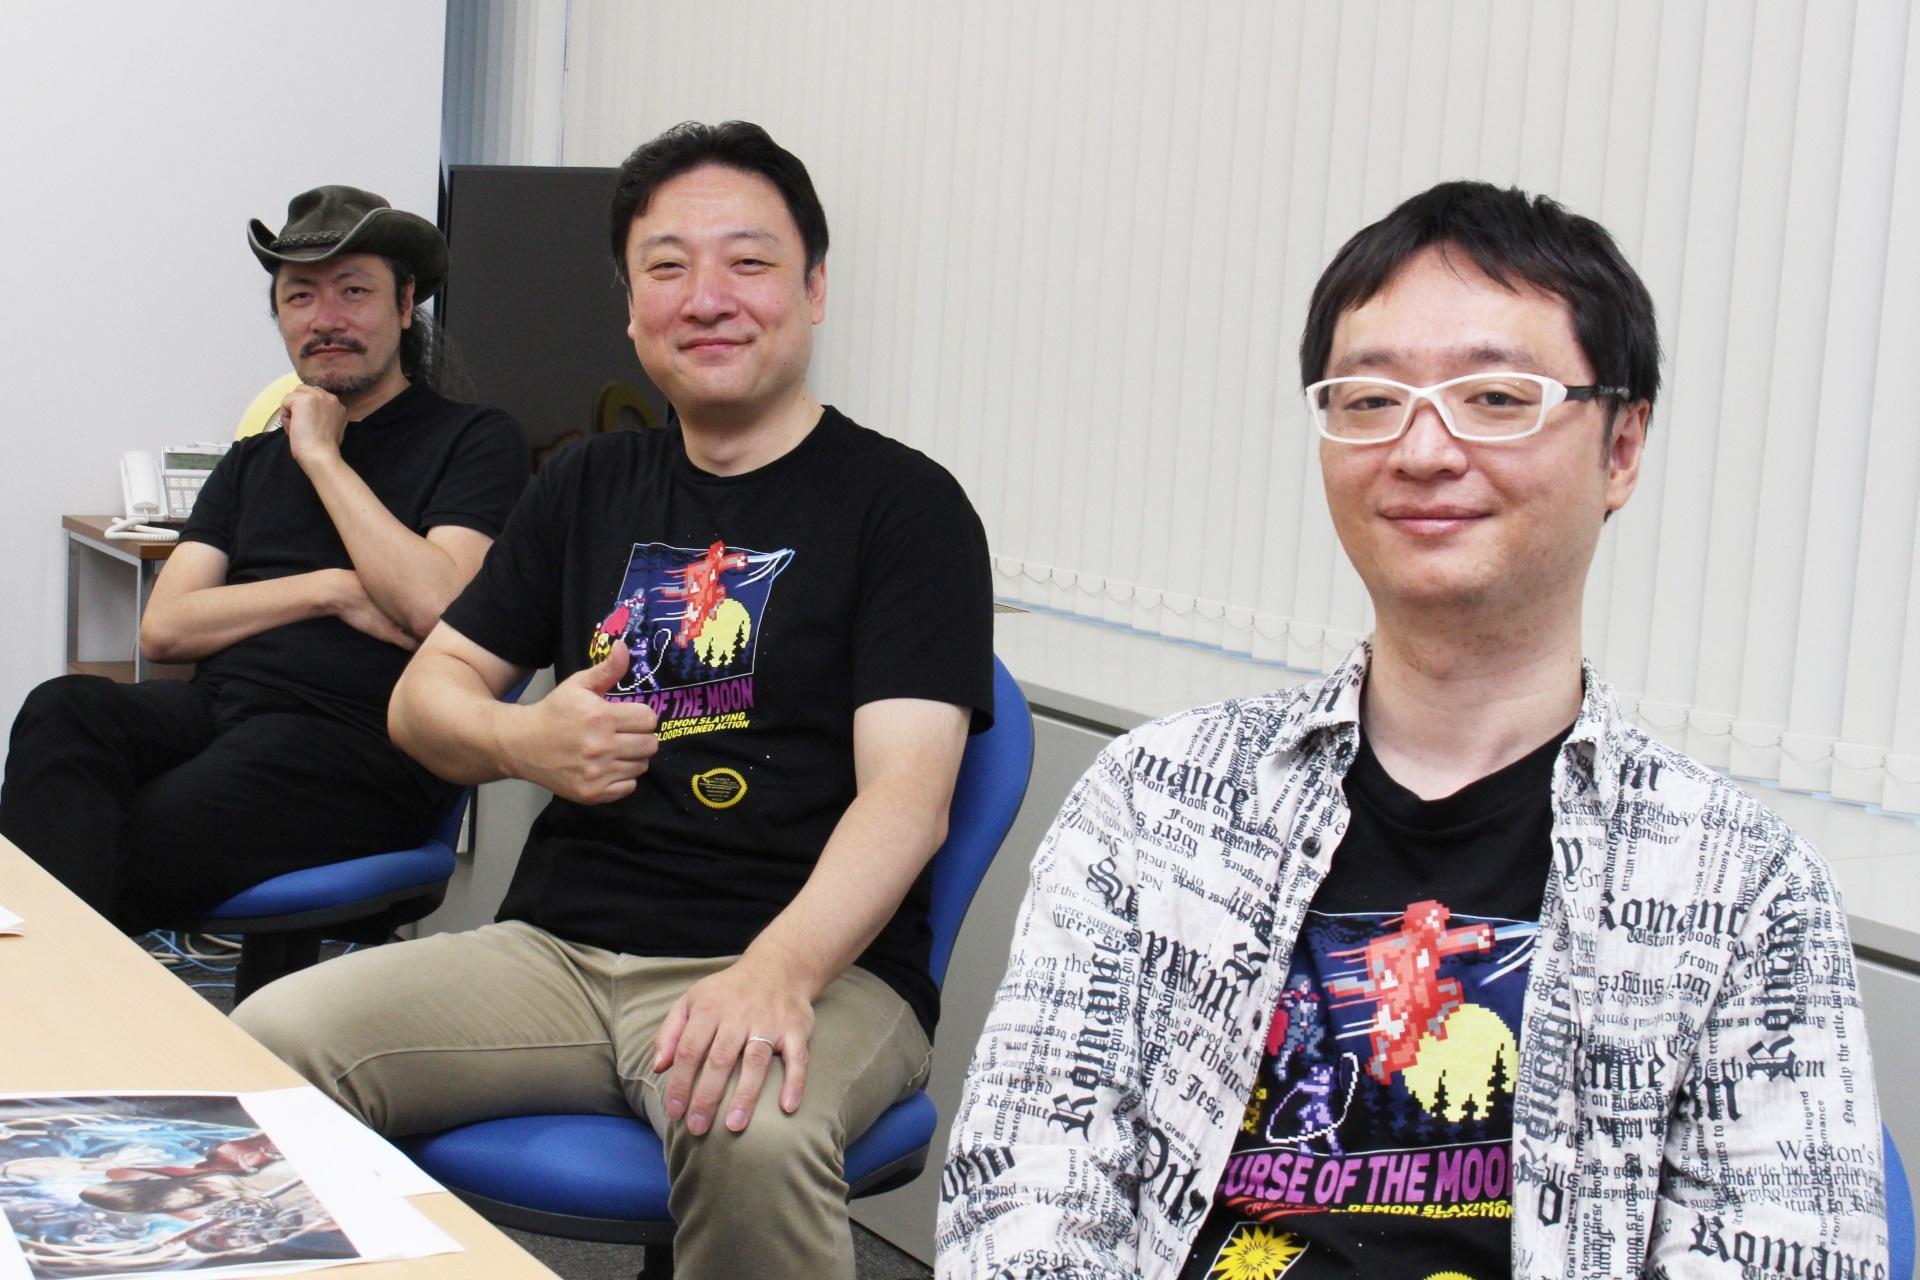 左からArtPlayの五十嵐孝司氏(プロデューサー)、インティ・クリエイツの會津卓也氏(プロデューサー)と宮澤拡希氏(ディレクター)